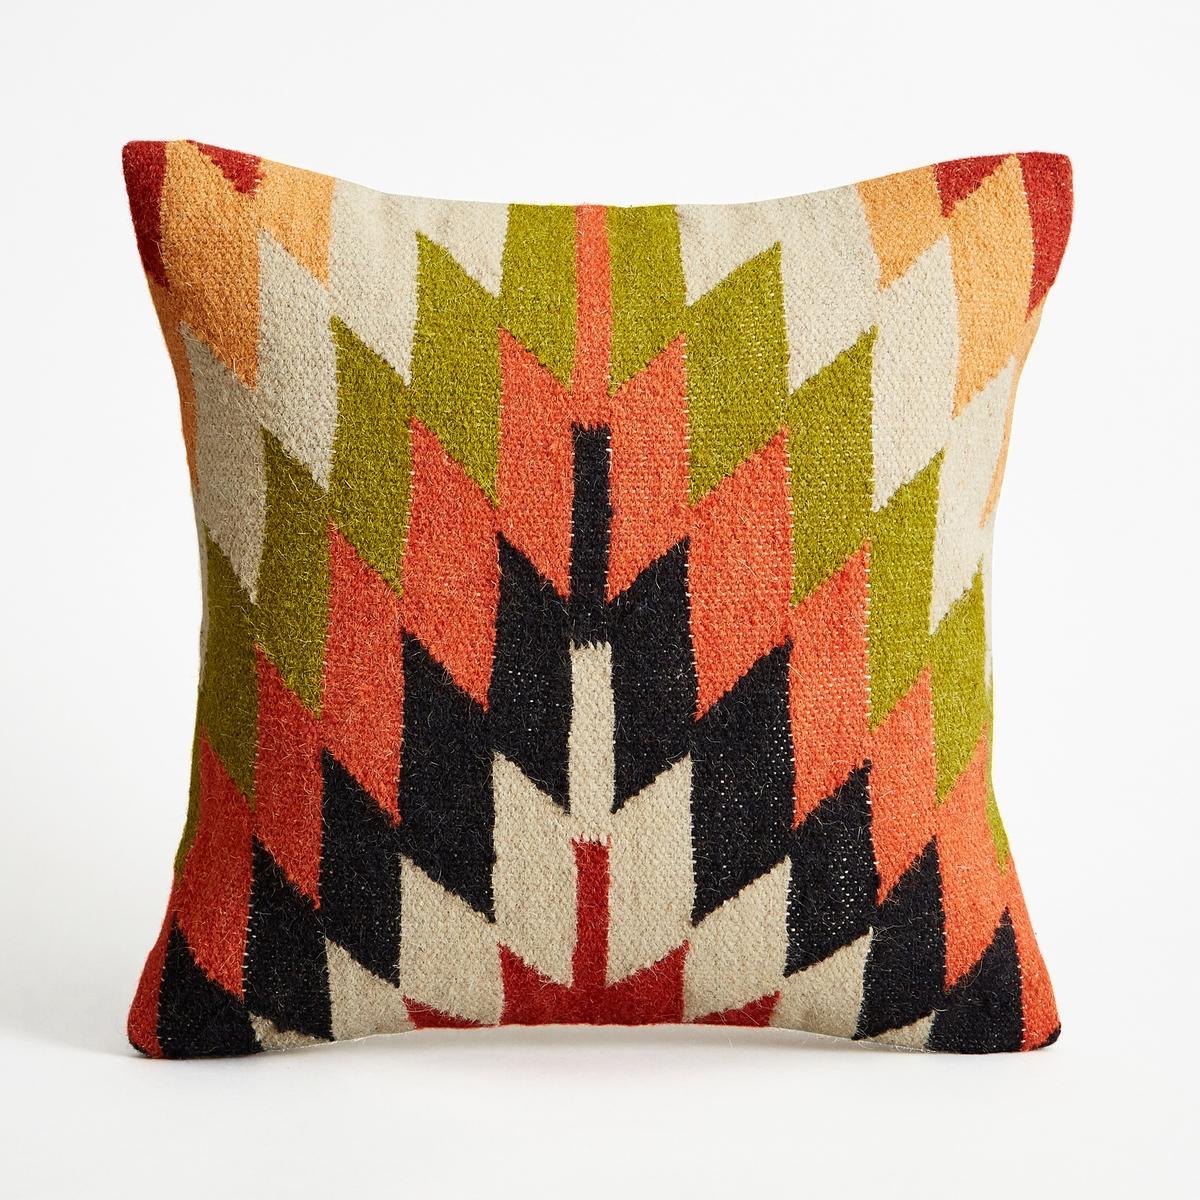 Чехол для подушки ColytonЧехол для подушки с тканым ковровым  рисунком Colyton. Застежка на молнию.Материал :- Лицевая сторона: 80% шерсти, 20% хлопка, оборотная сторона однотонная, из 100% хлопка. Размеры :- 45 x 45 см.Подушка продается отдельно на сайте.<br><br>Цвет: разноцветный